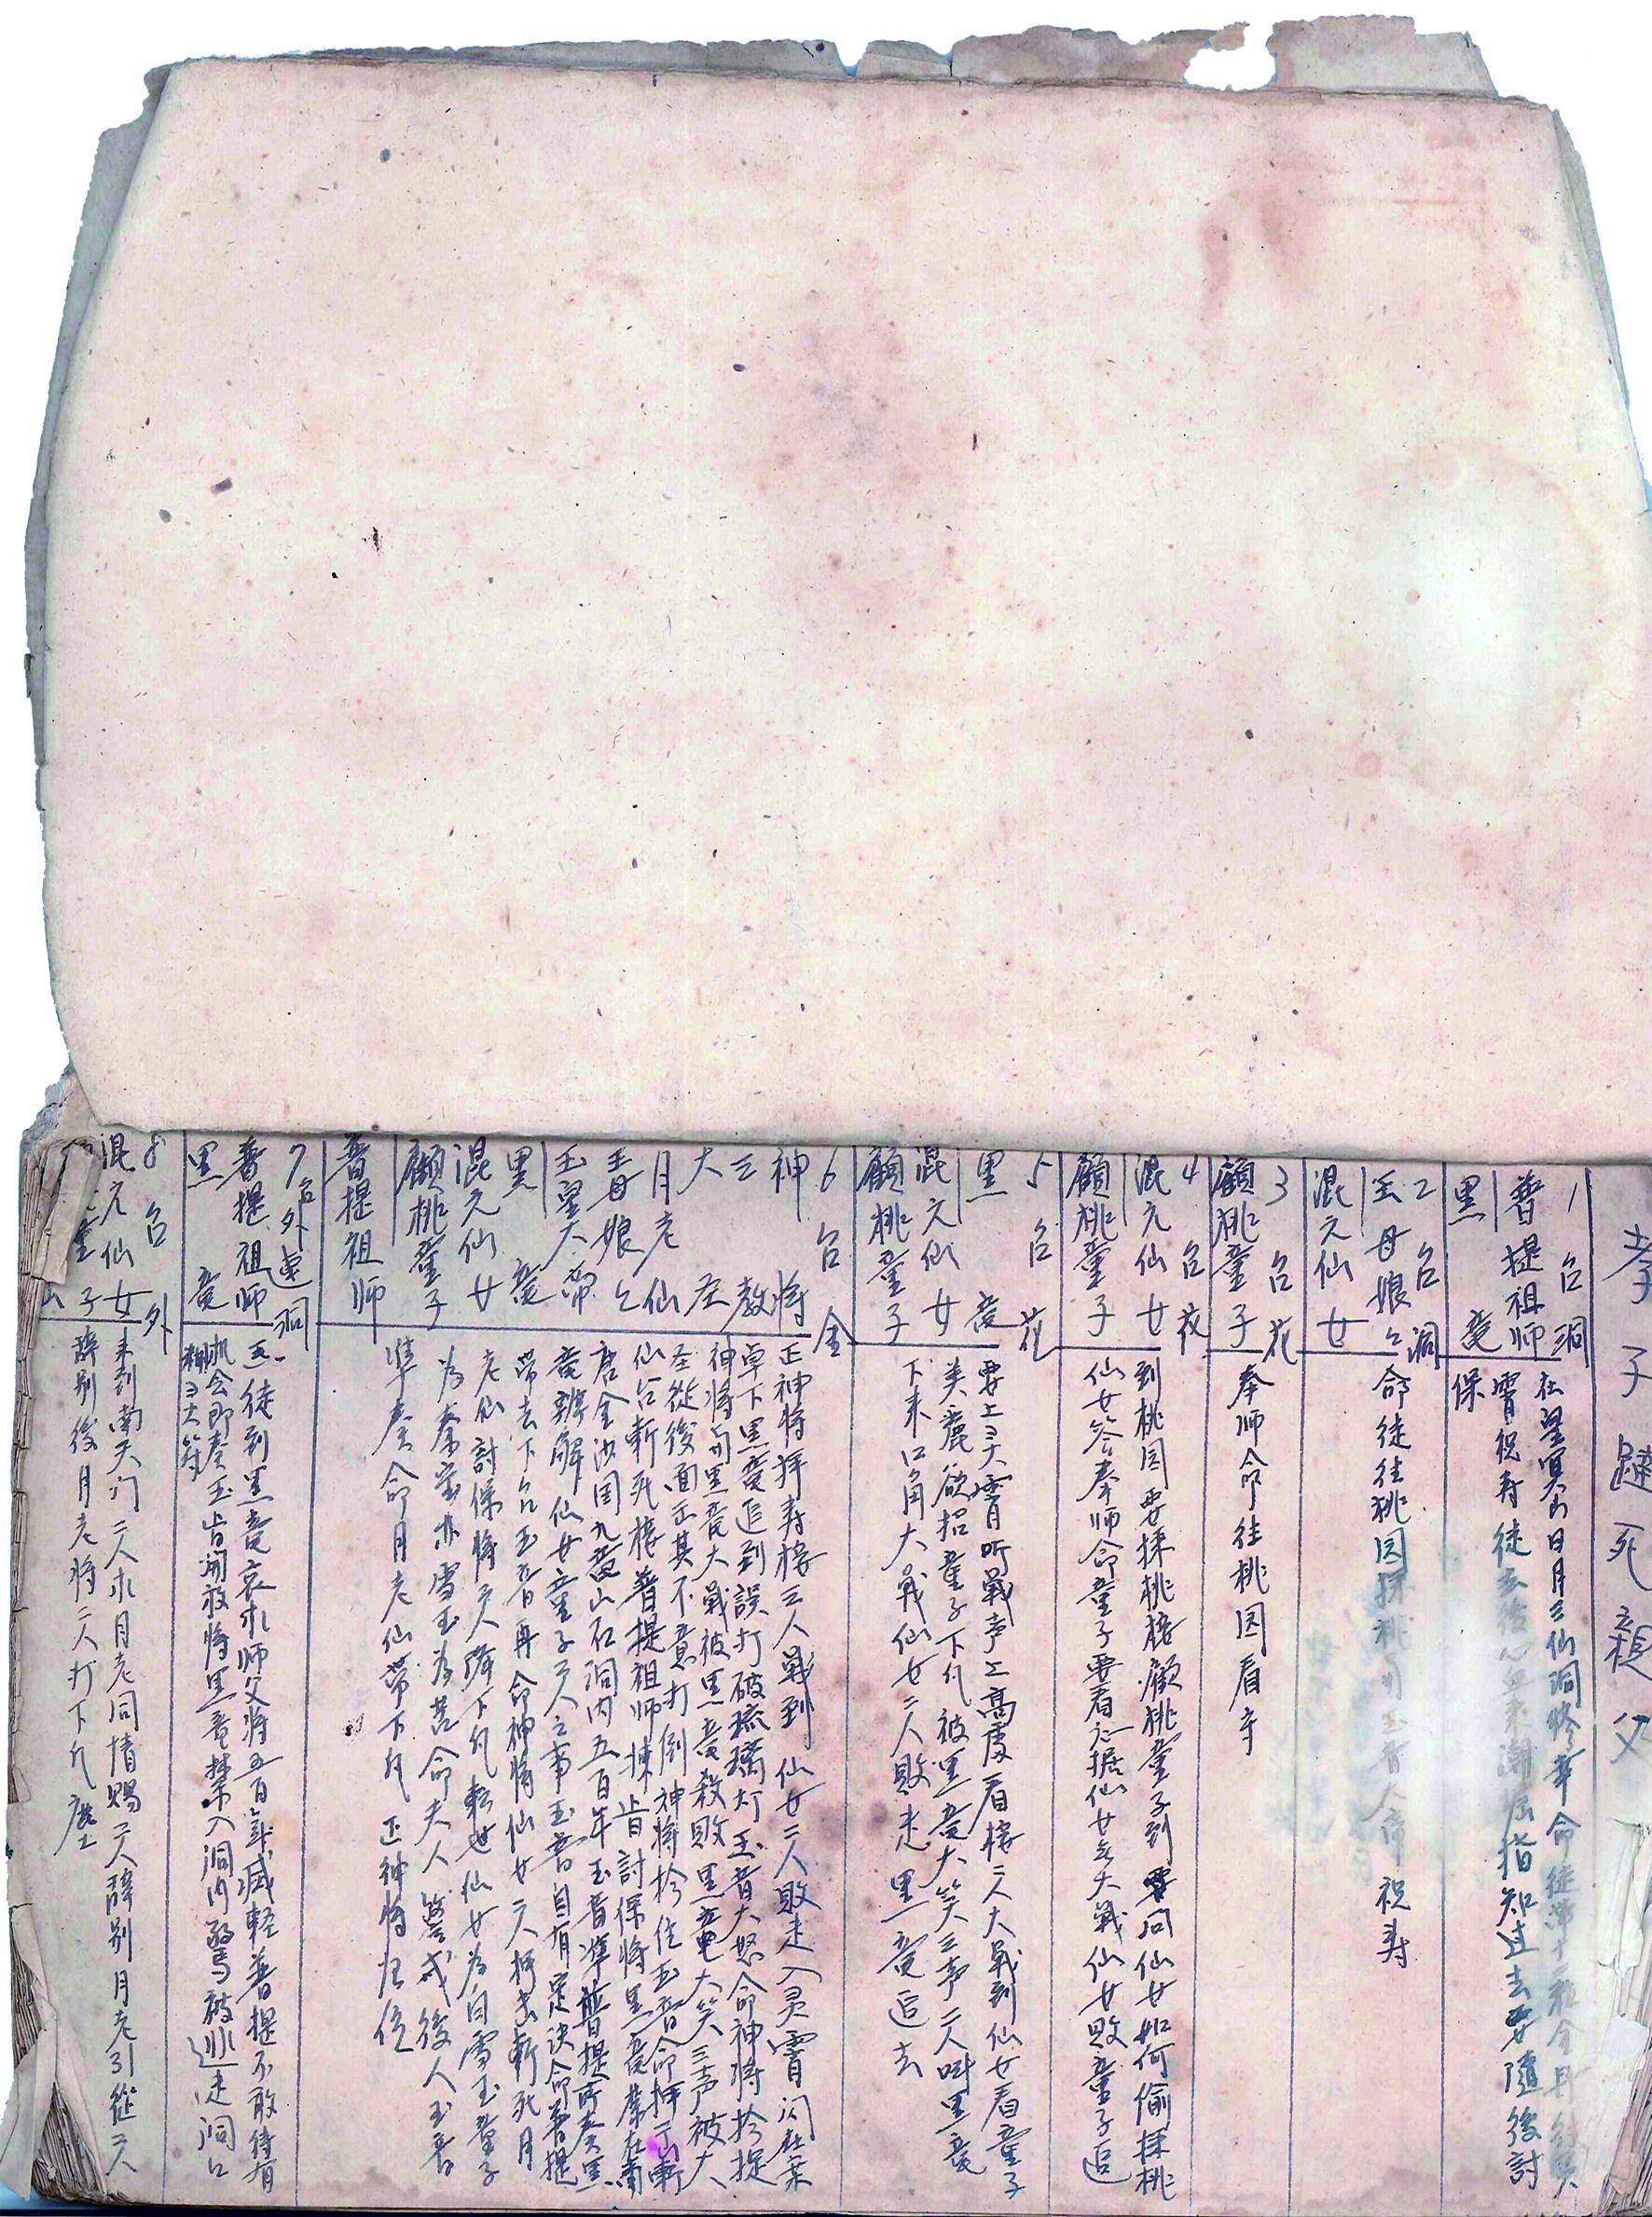 保存活化老劇本,是王金櫻現今最重視的工作.jpg